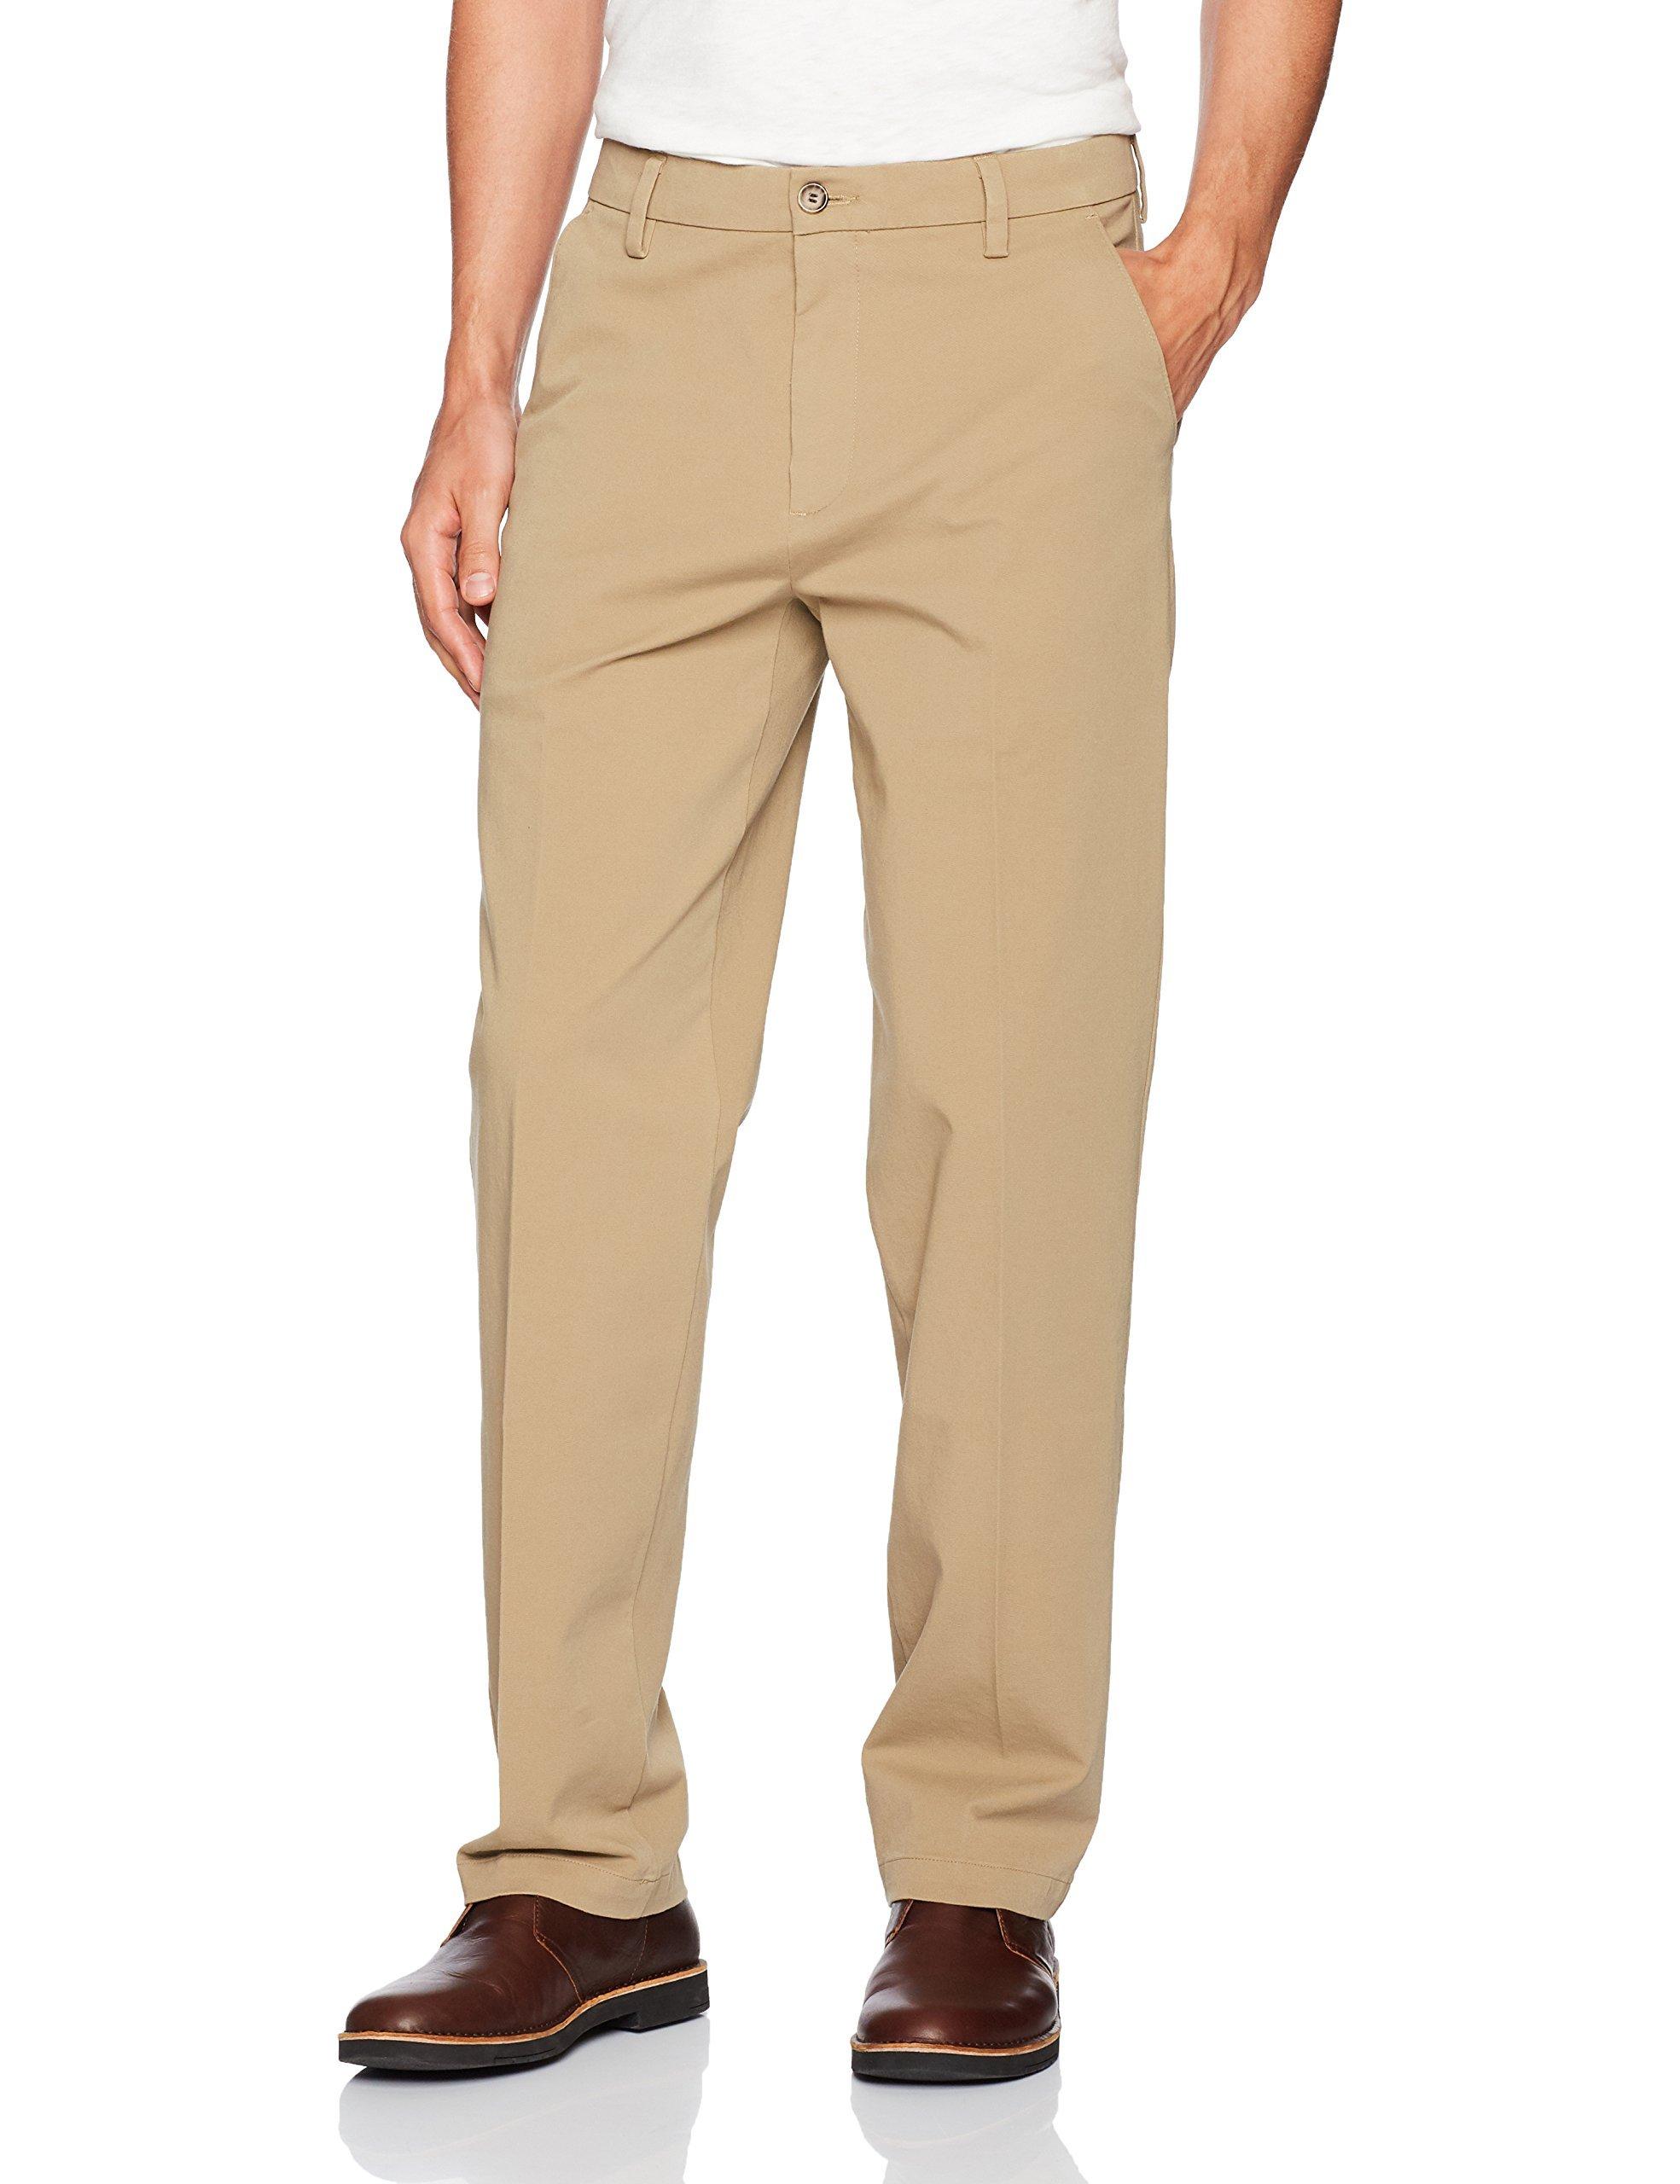 Dockers Men's Big and Tall Classic Fit Workday Khaki Smart 360 Flex Pants D3, New British Khaki (Stretch), 44W x 32L